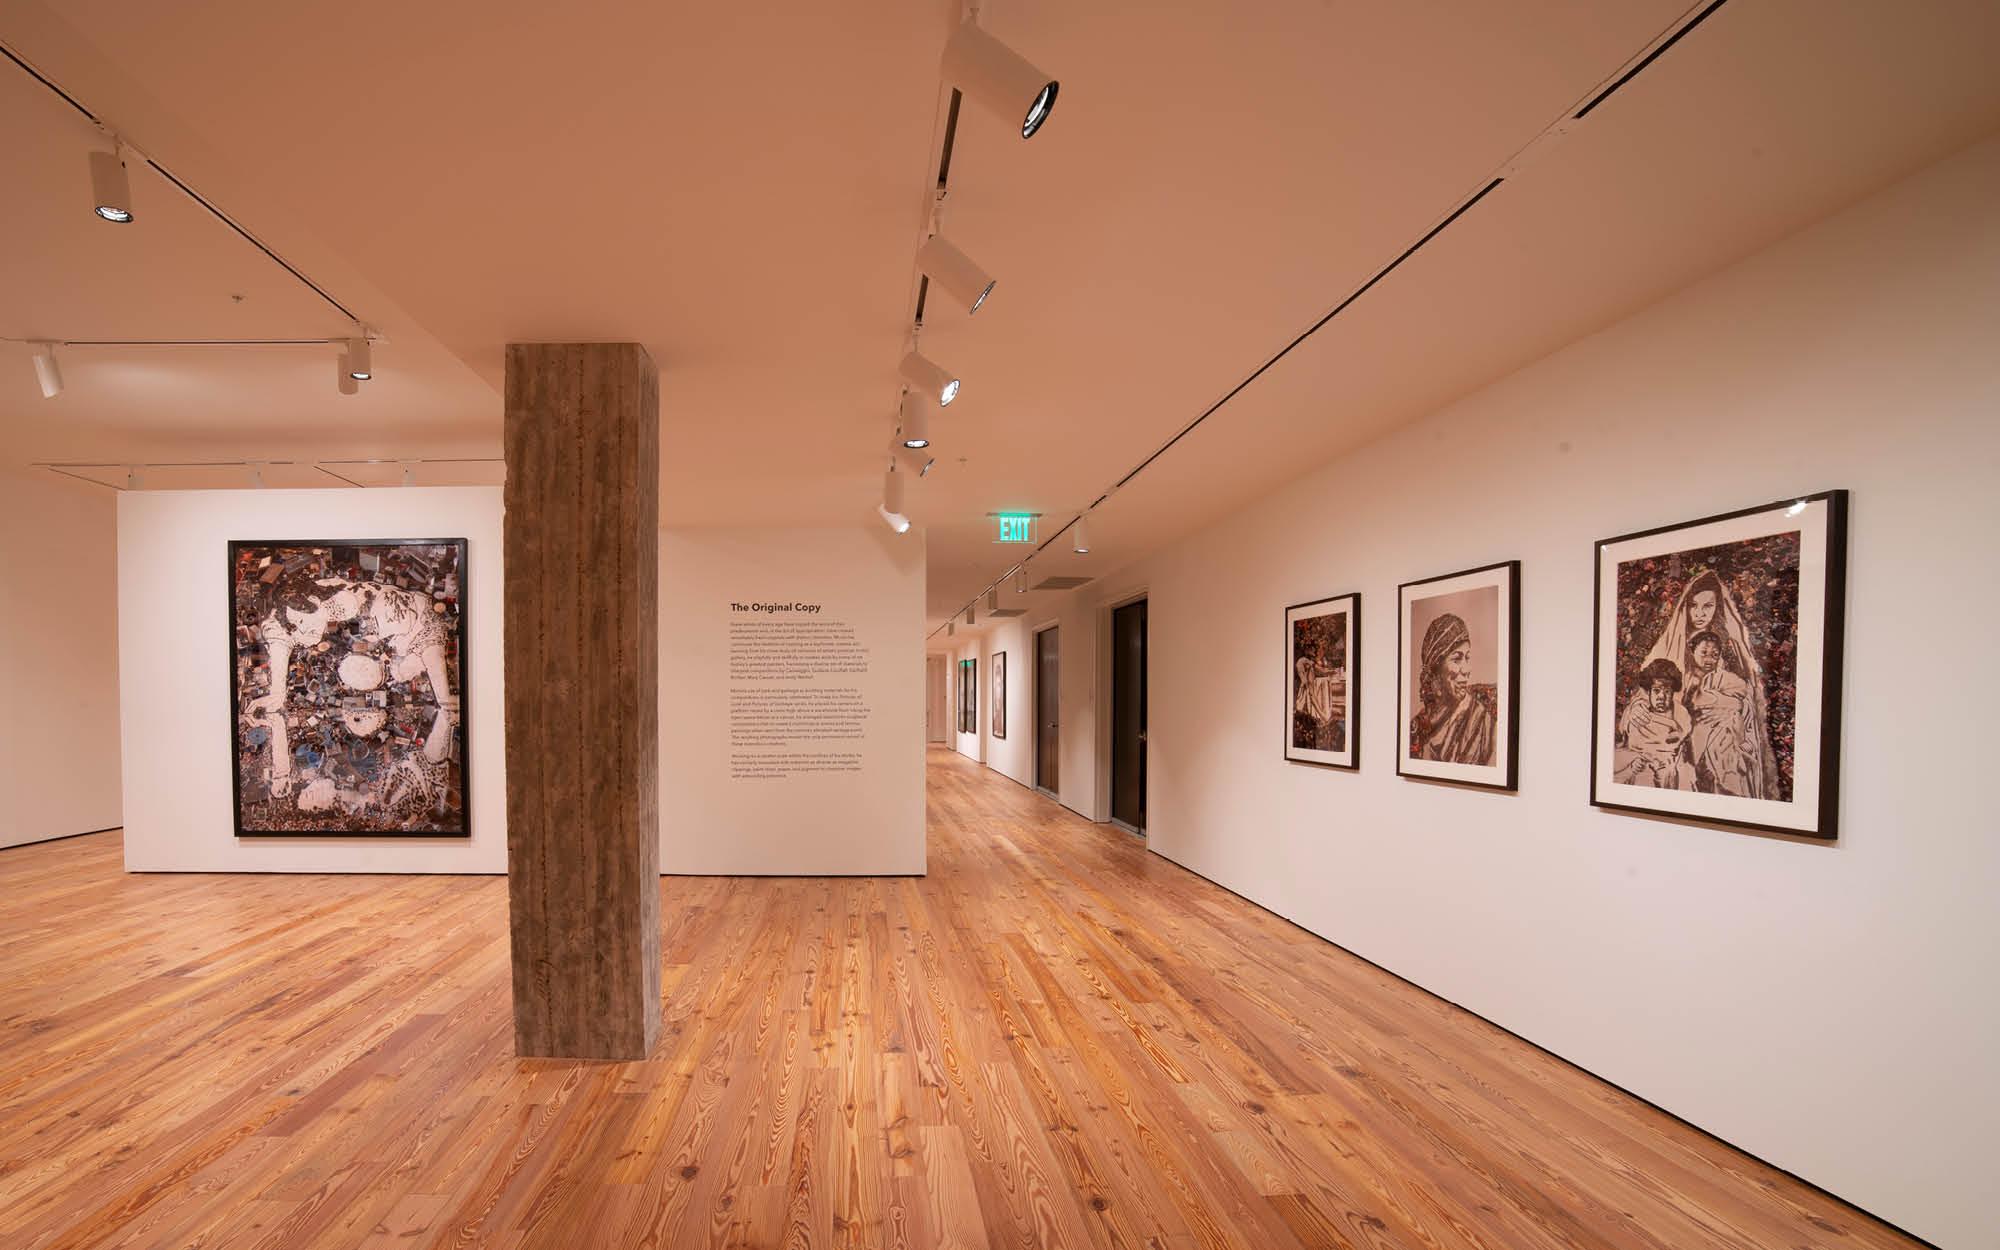 Vik Muniz exhibition, Susan M. Palmer Gallery